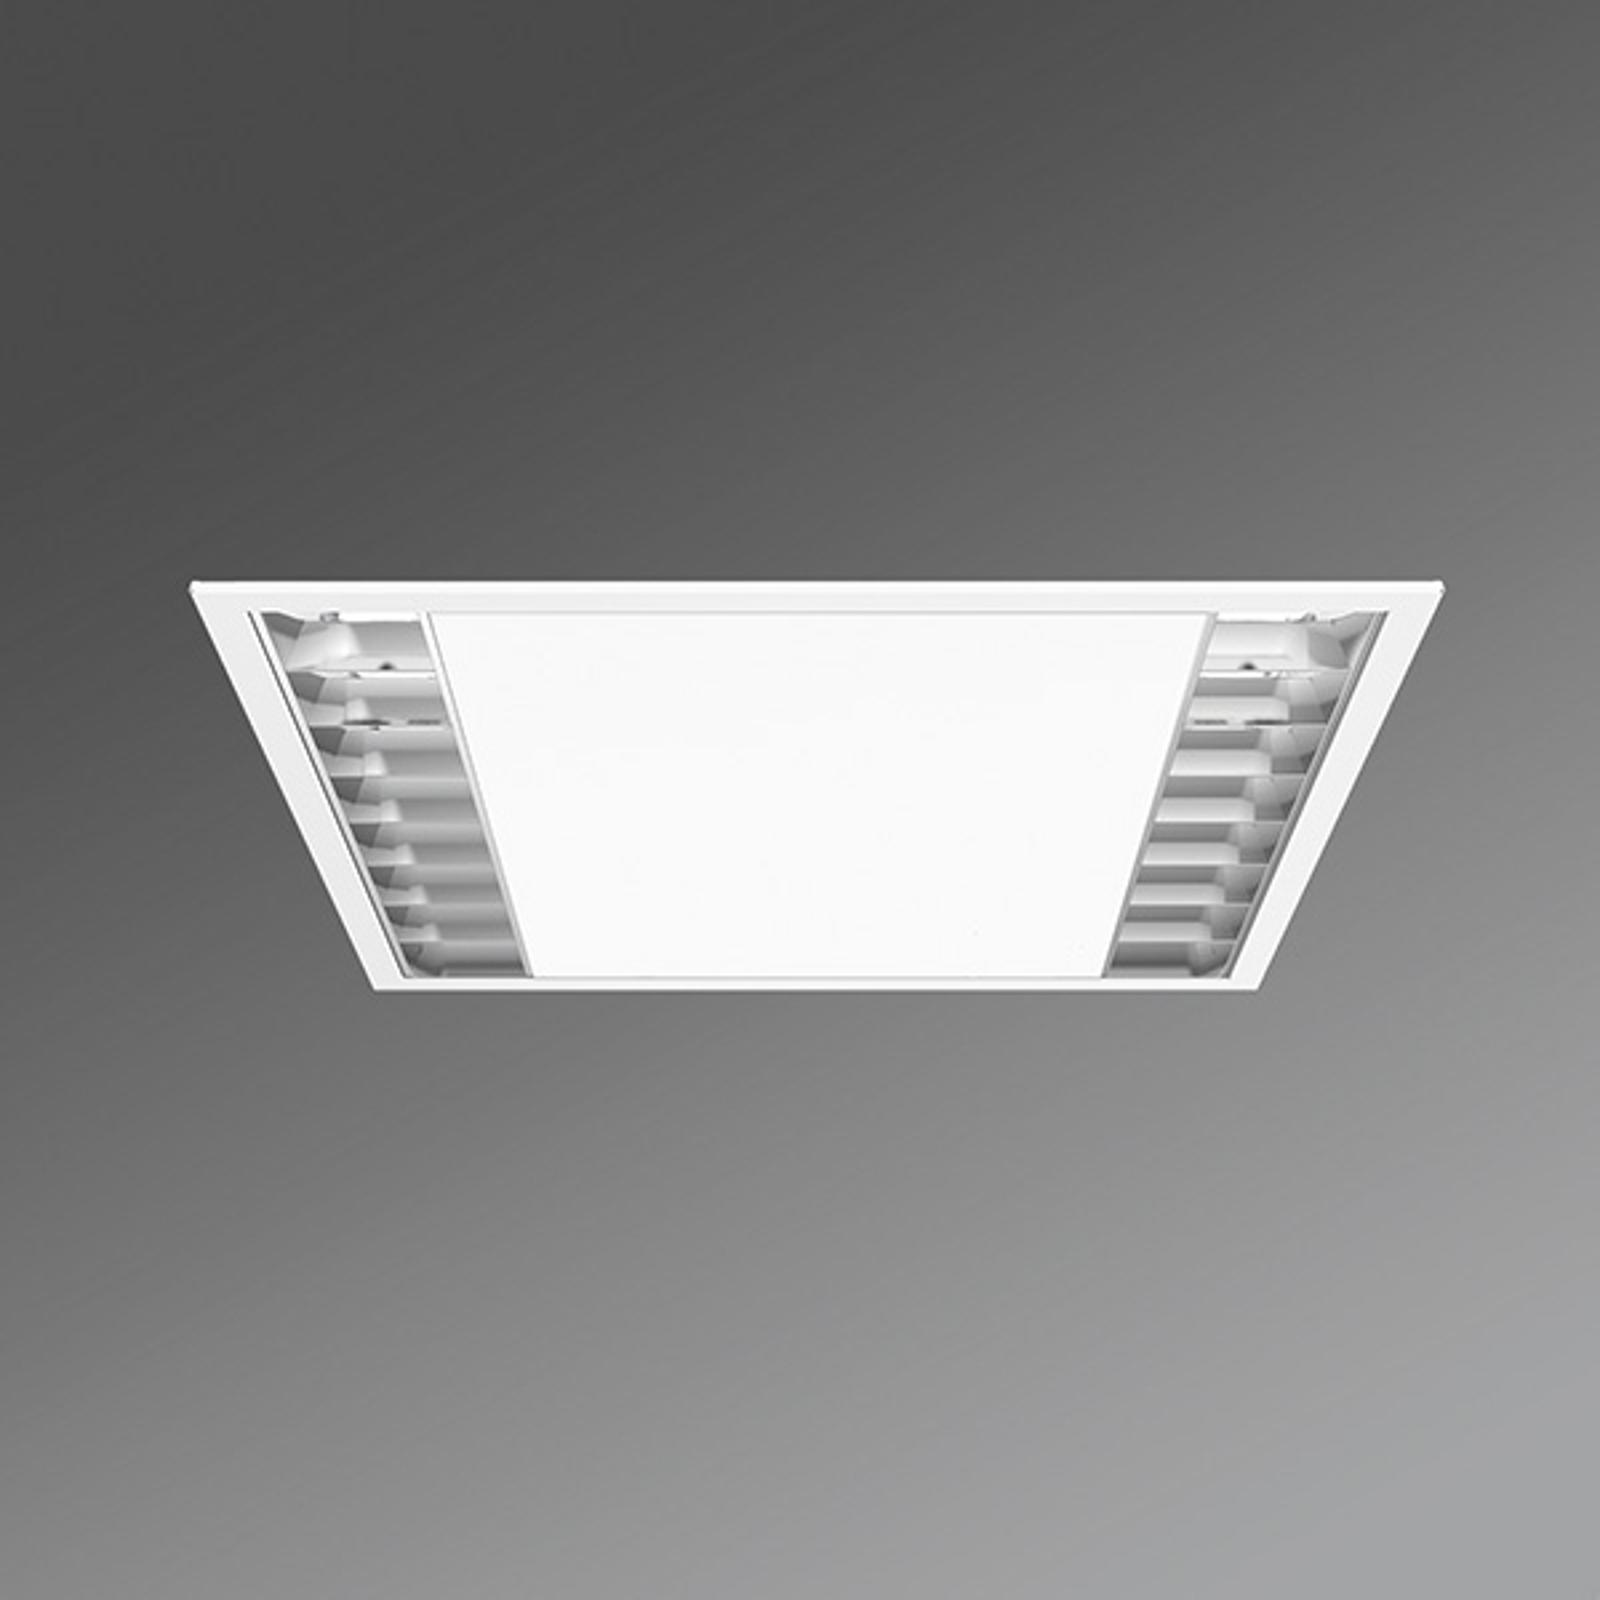 LED-toimisto-kattouppovalo UEX/625 parabolinen